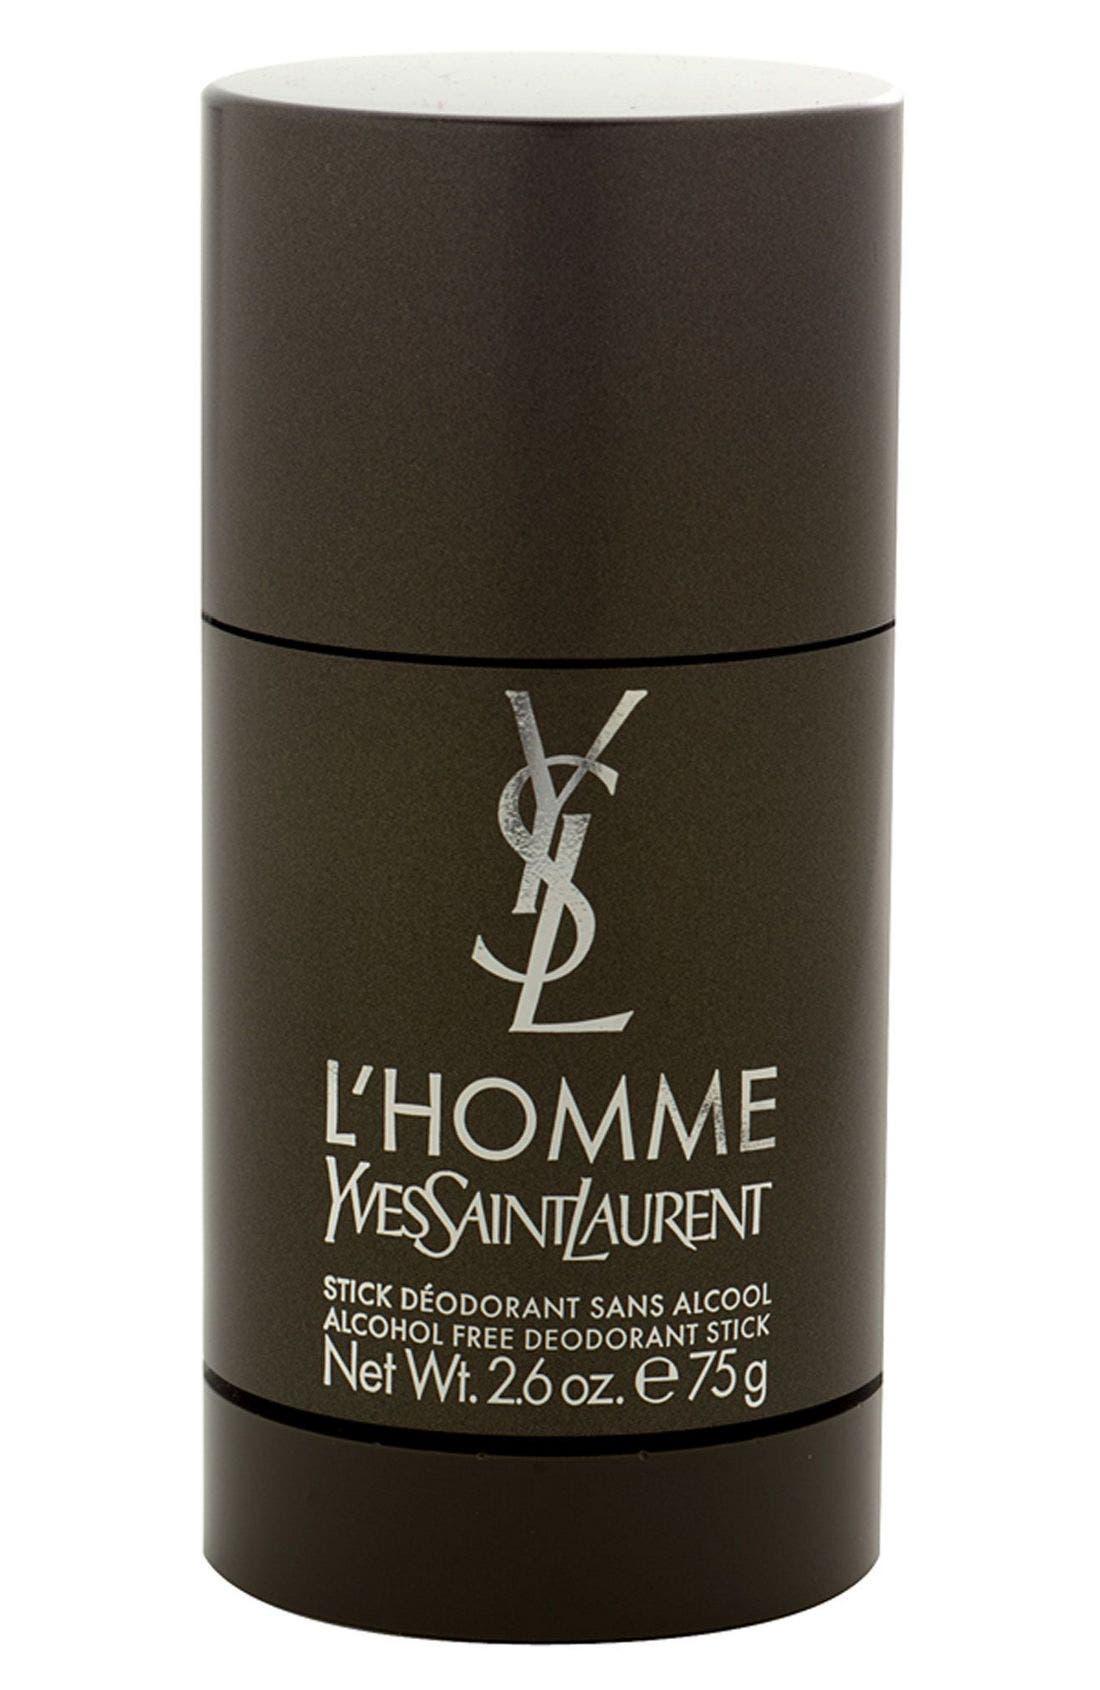 YVES SAINT LAURENT, 'L'Homme' Alcohol Free Deodorant Stick, Main thumbnail 1, color, NO COLOR